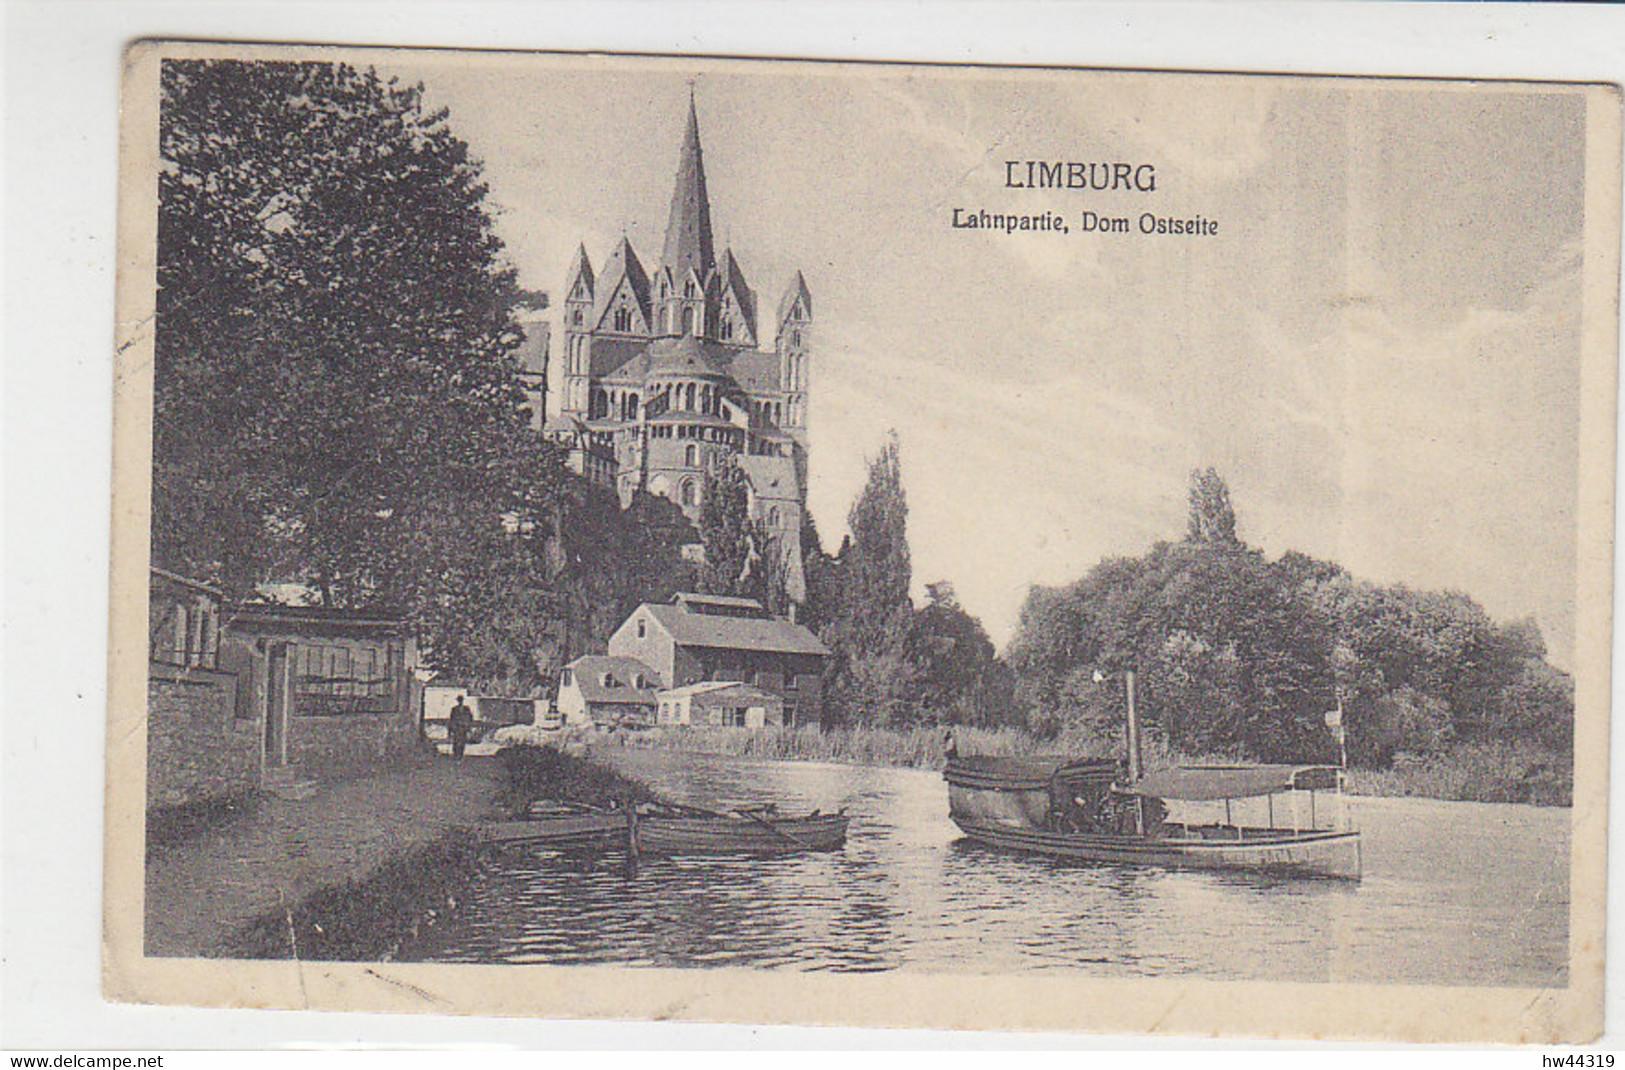 Karte Aus LIMBURG (LAHN) BAHNHOF 1.12.12. AK-Limburg / Knickke - Cartas